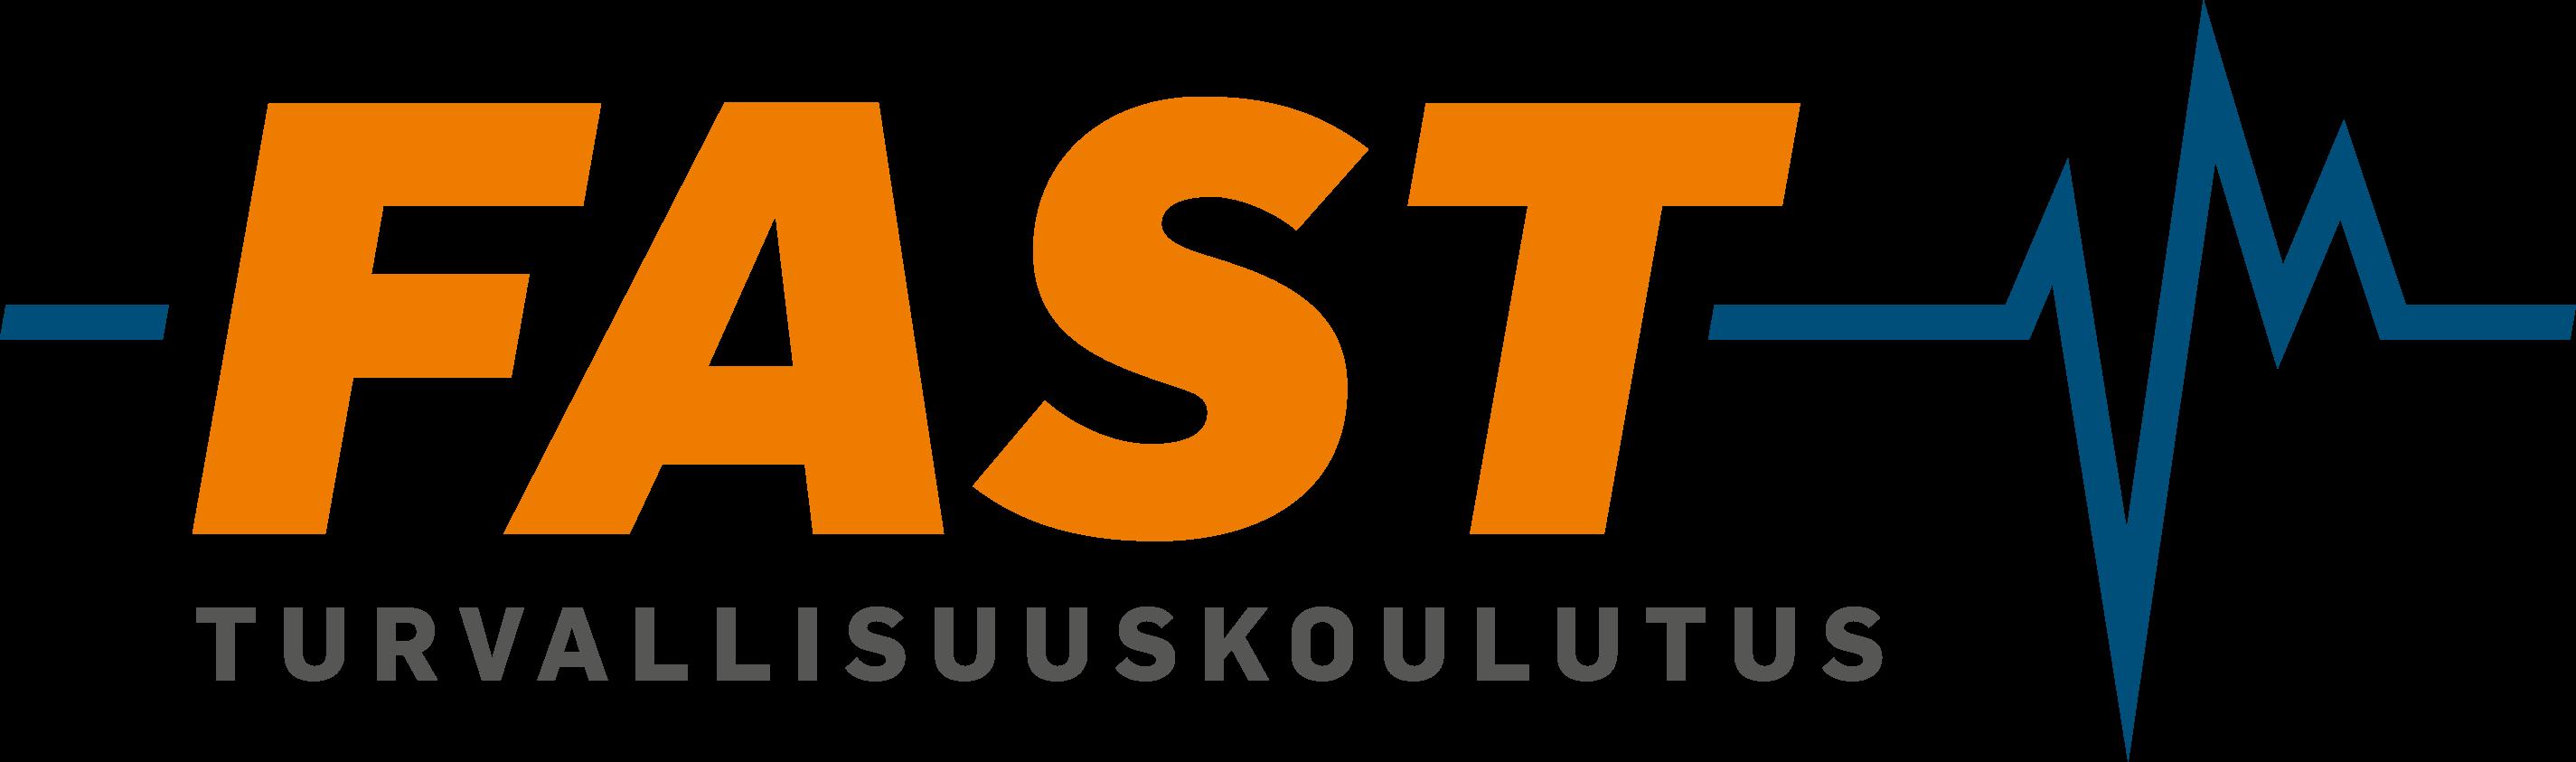 Fast Oy